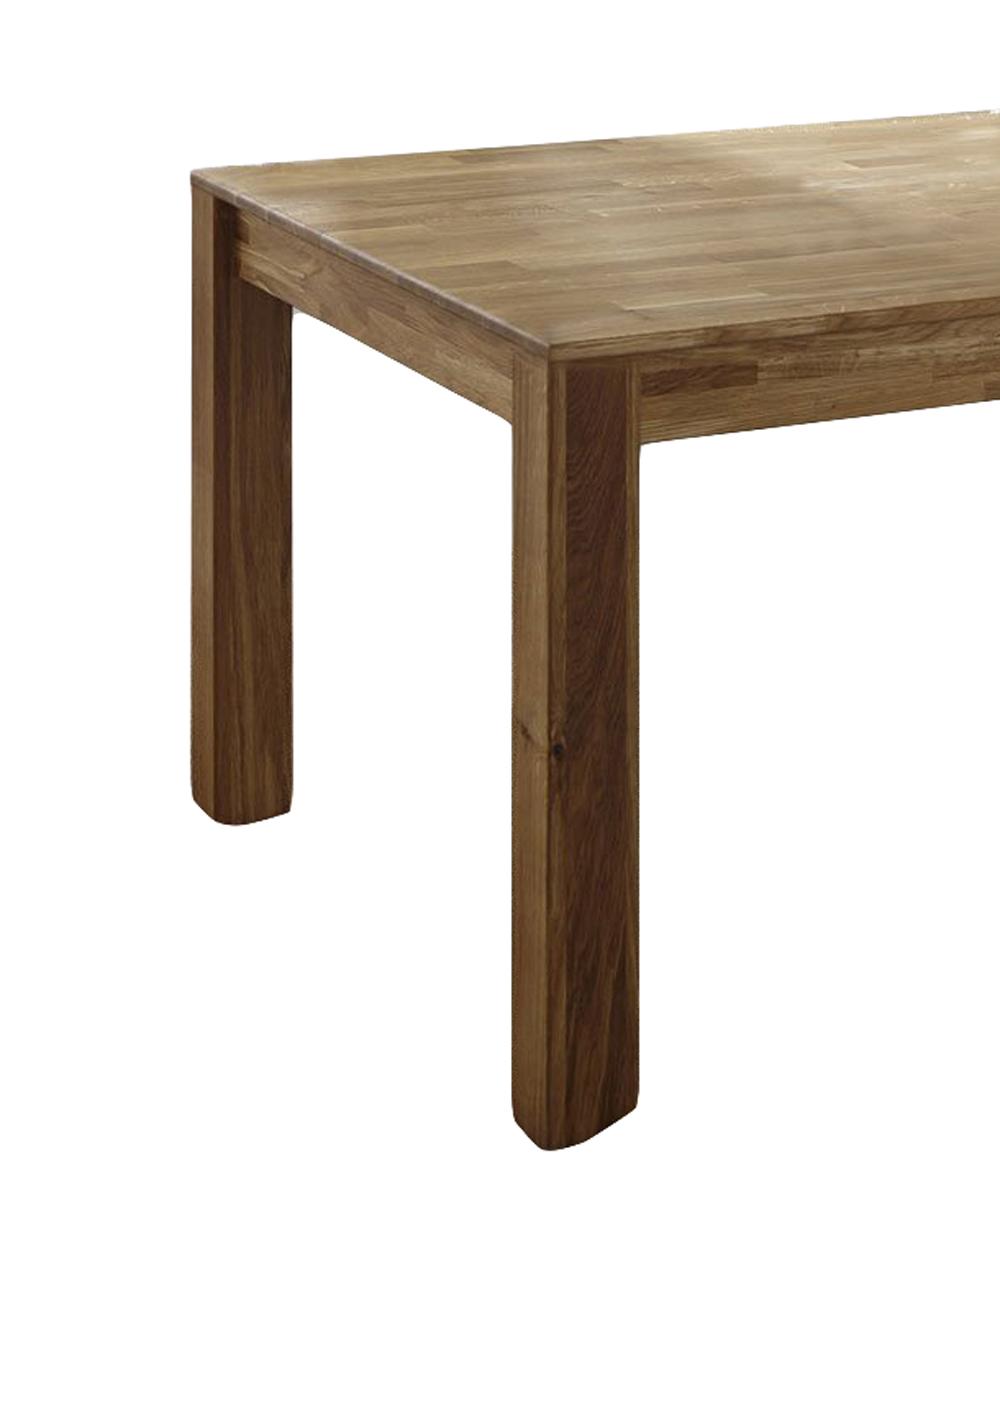 Faszinierend Holztisch Eiche Referenz Von Sale Esstisch Massivholz 160 X 90 Cm